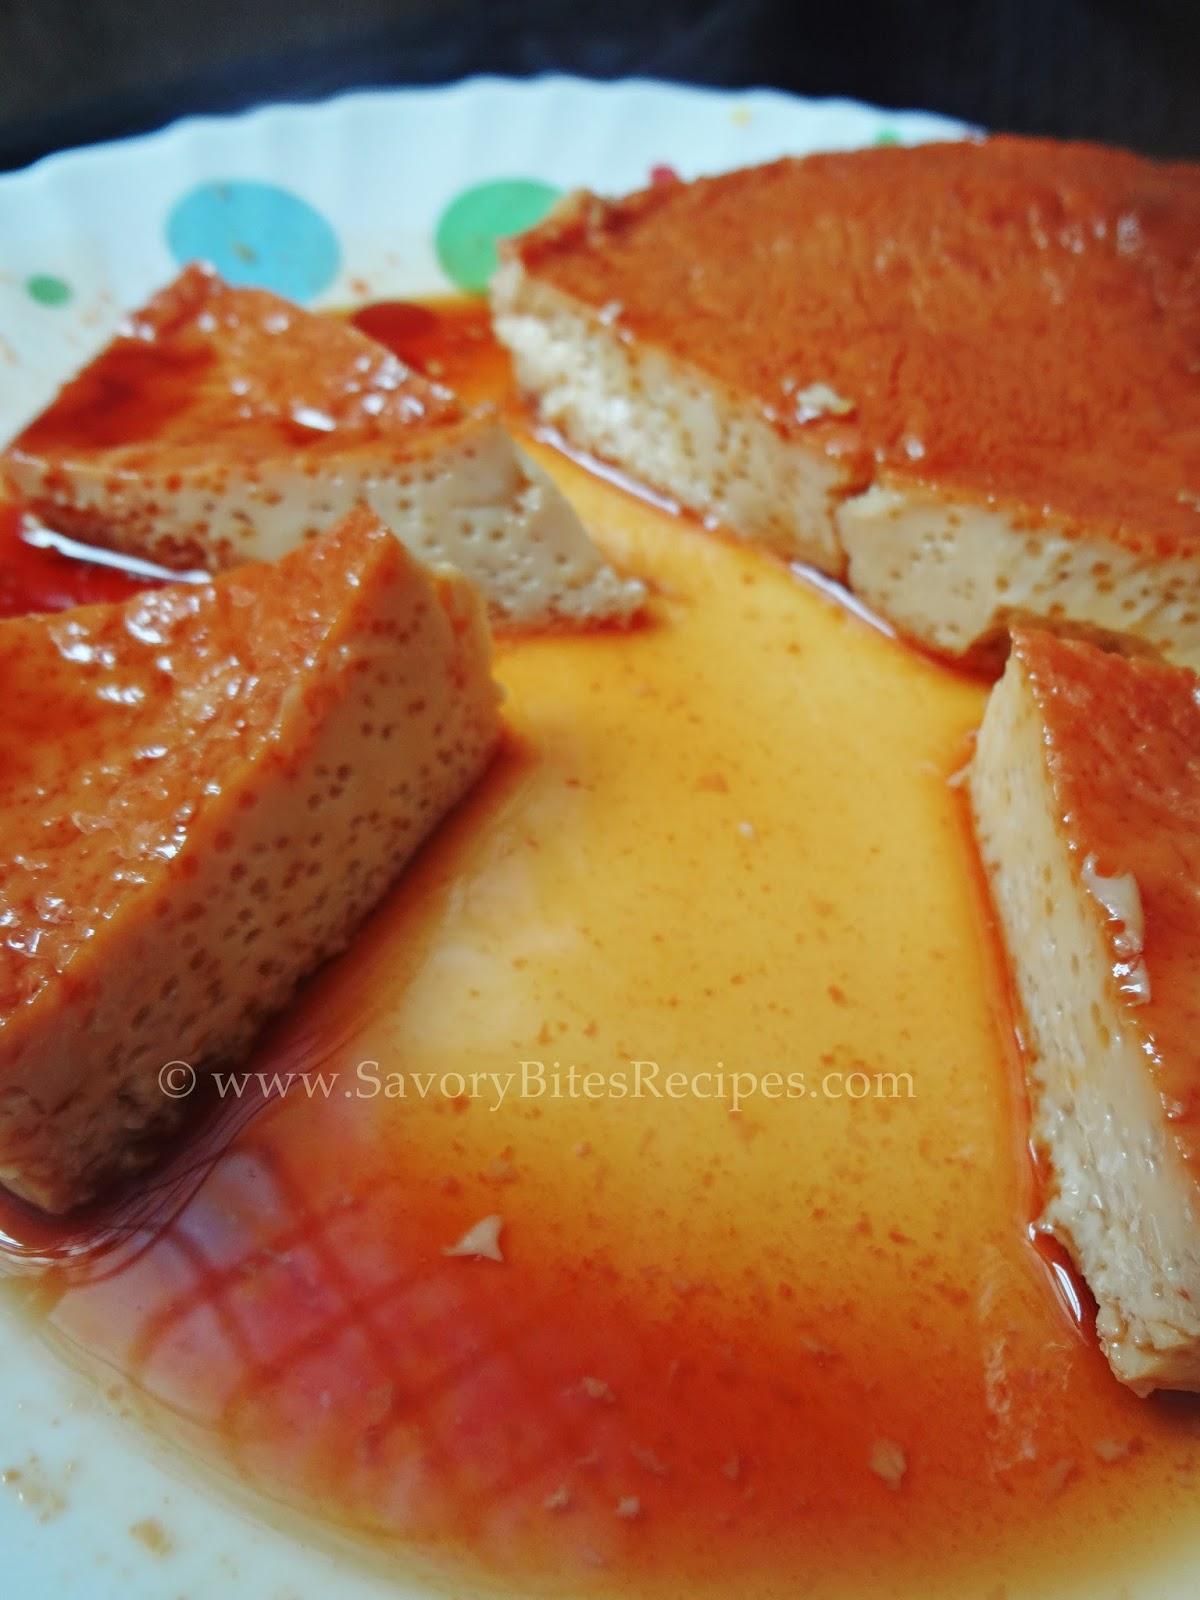 Caramel Custard | Savory Bites